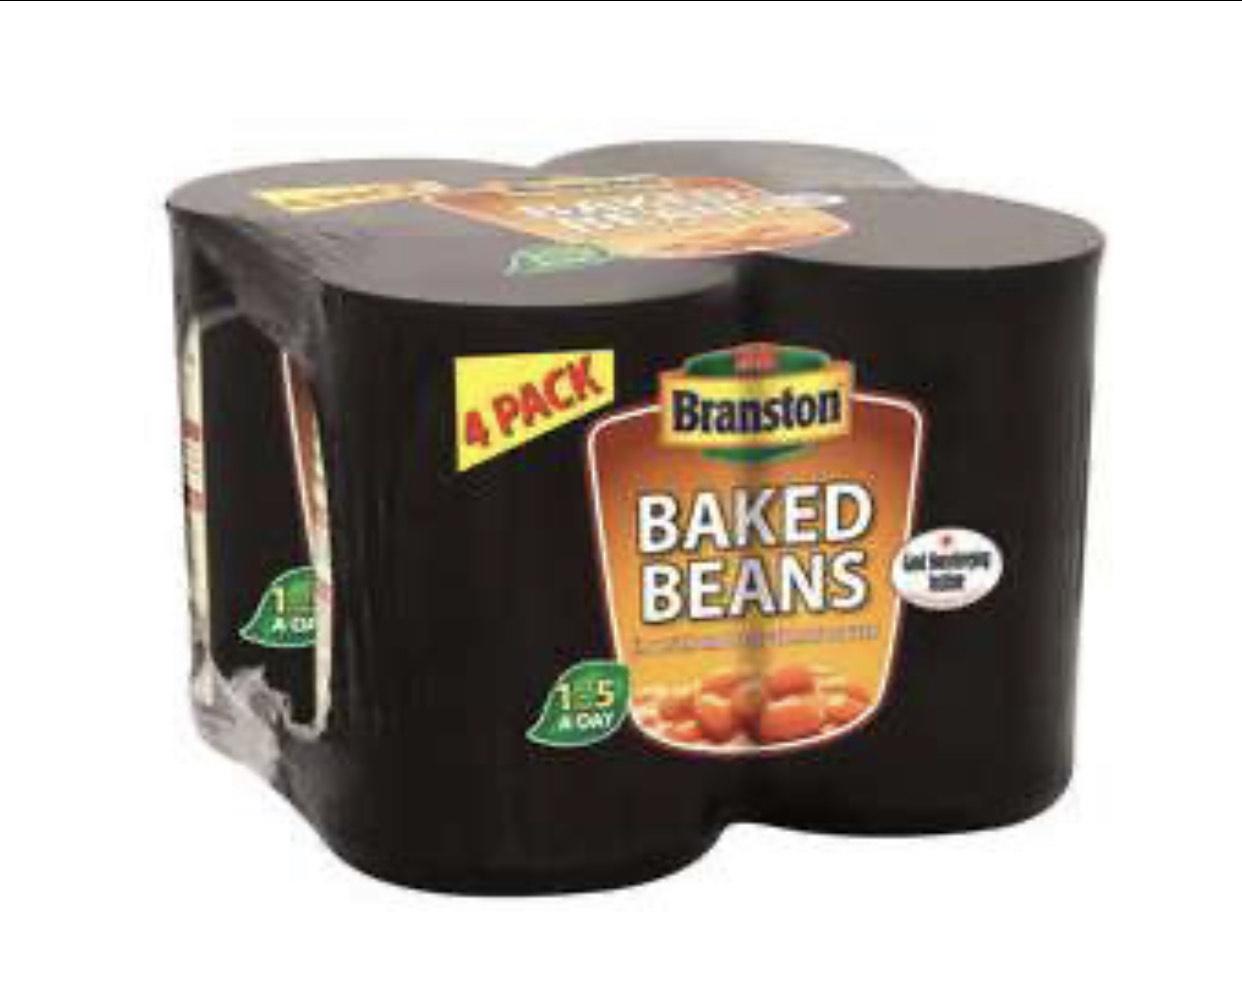 Branston Baked 4 × 410g Multipacks are 2 for £3 @ Iceland